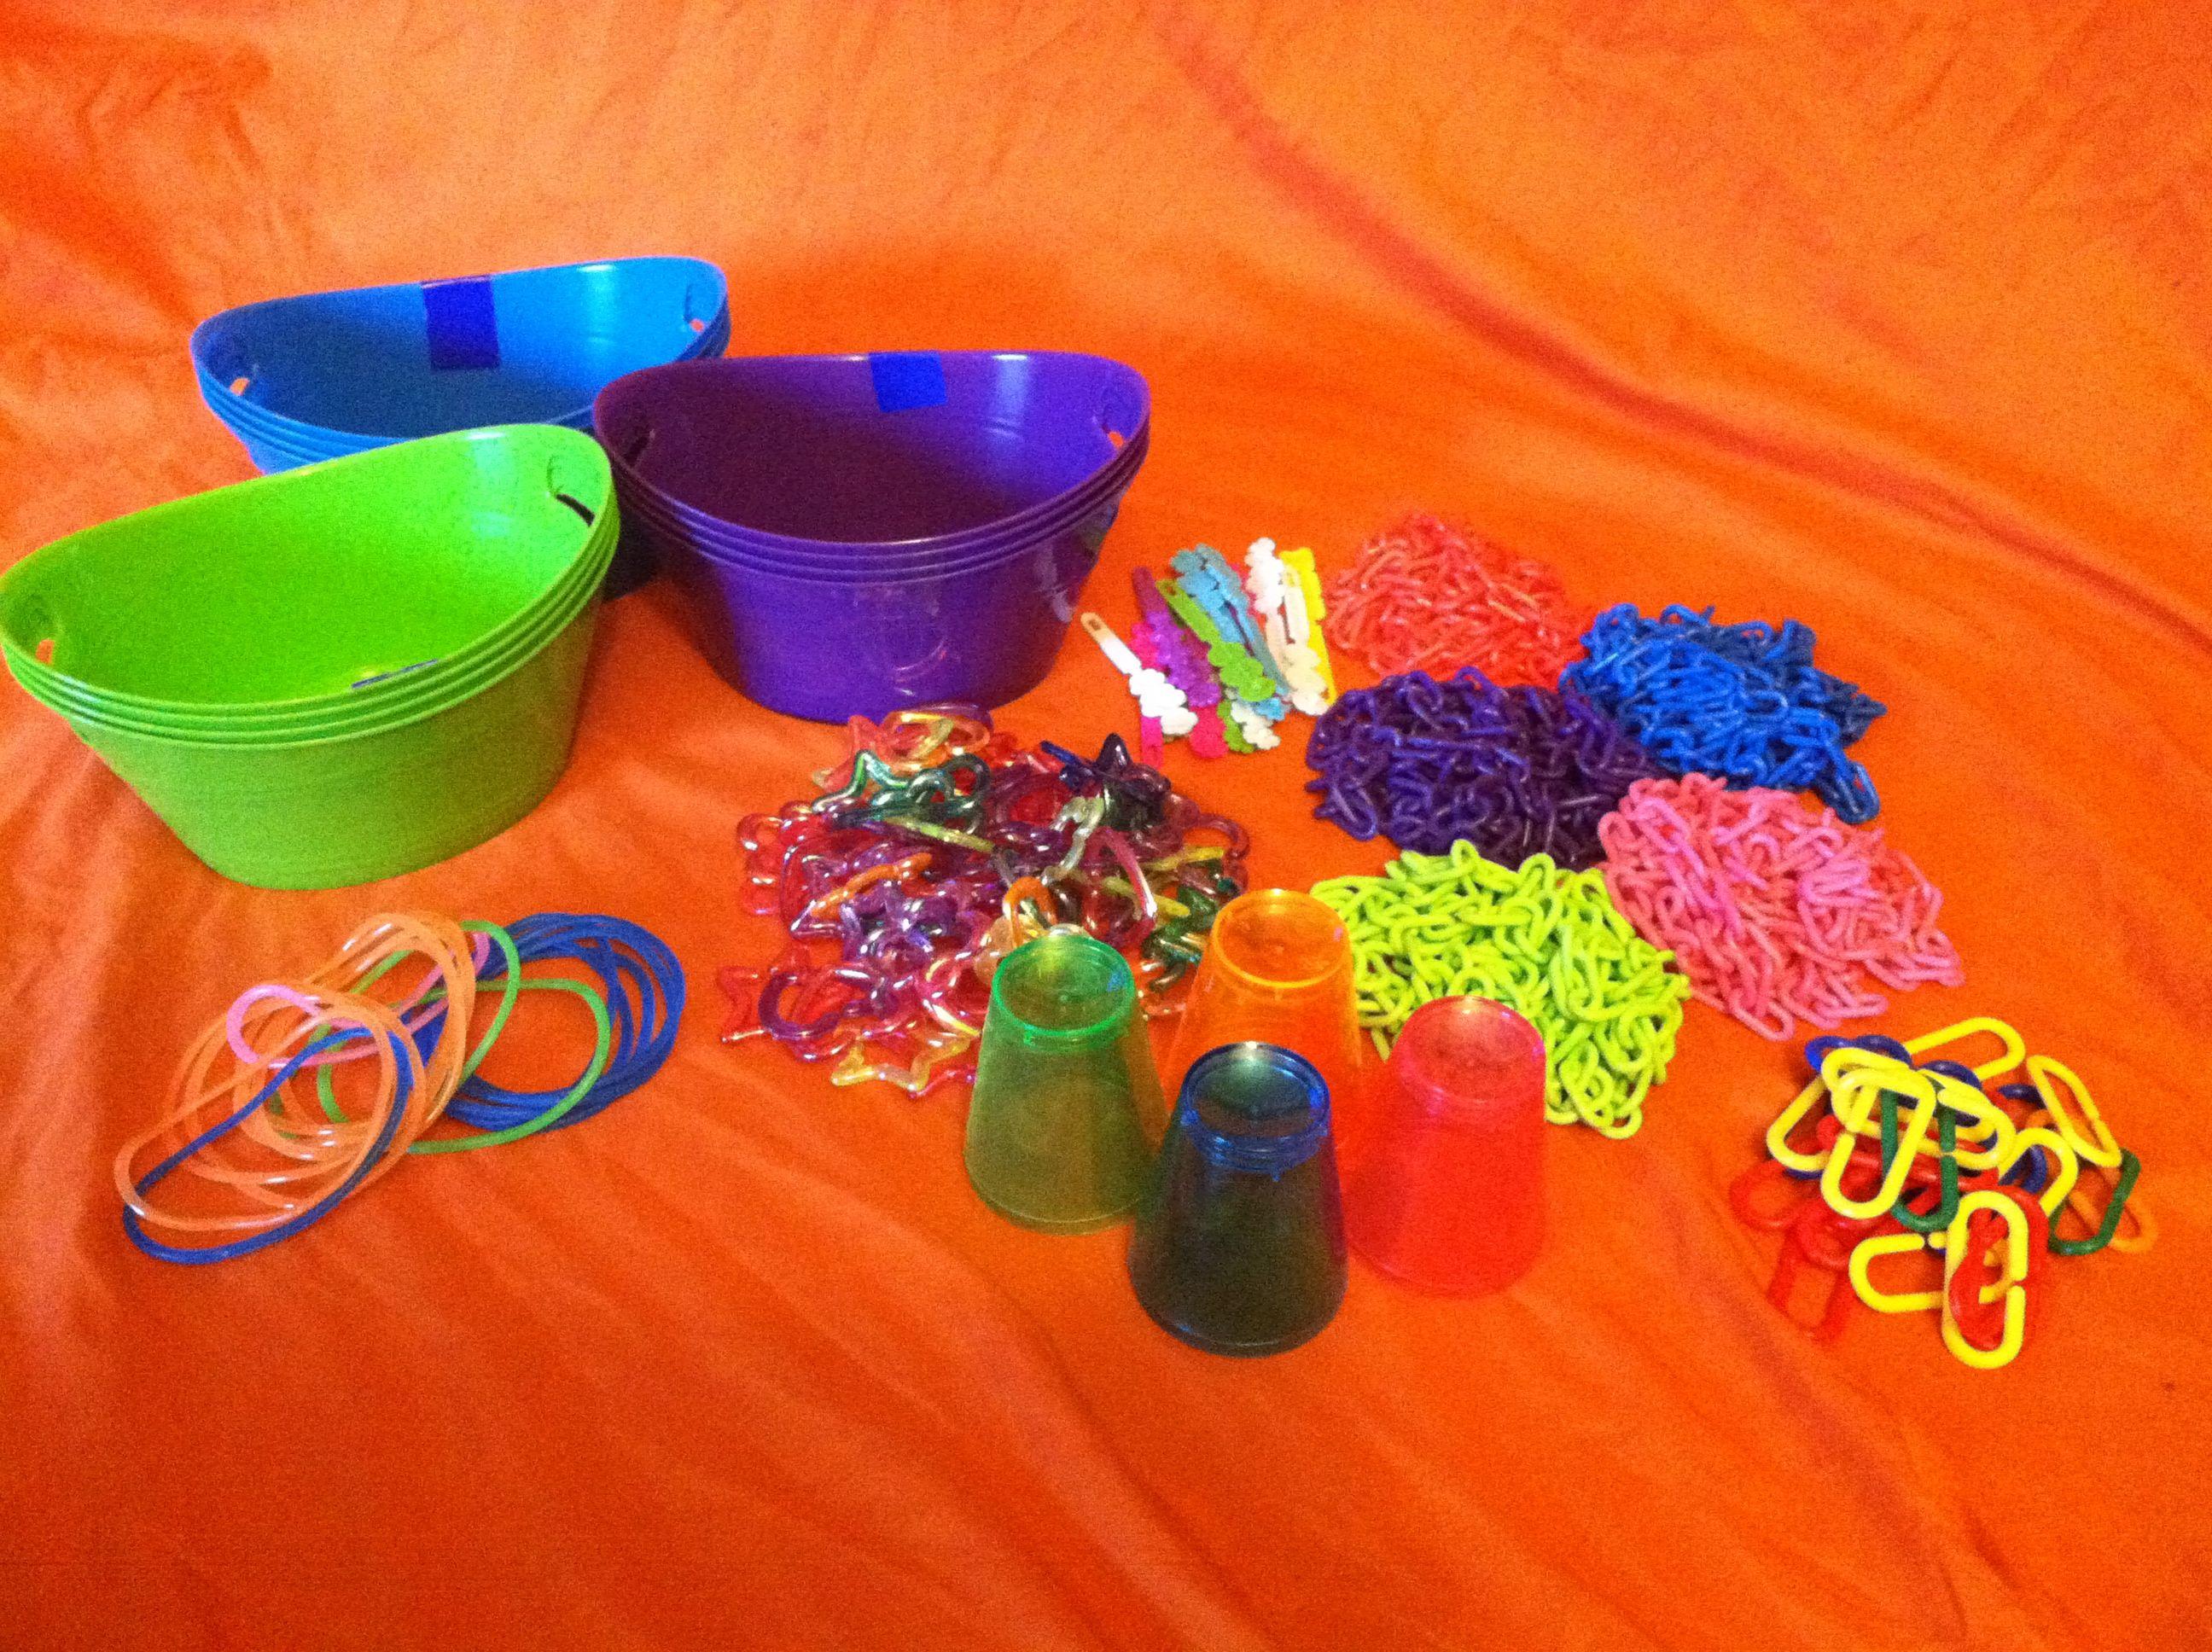 Toys For Sugar : Diy sugar glider toy making kit plus shipping